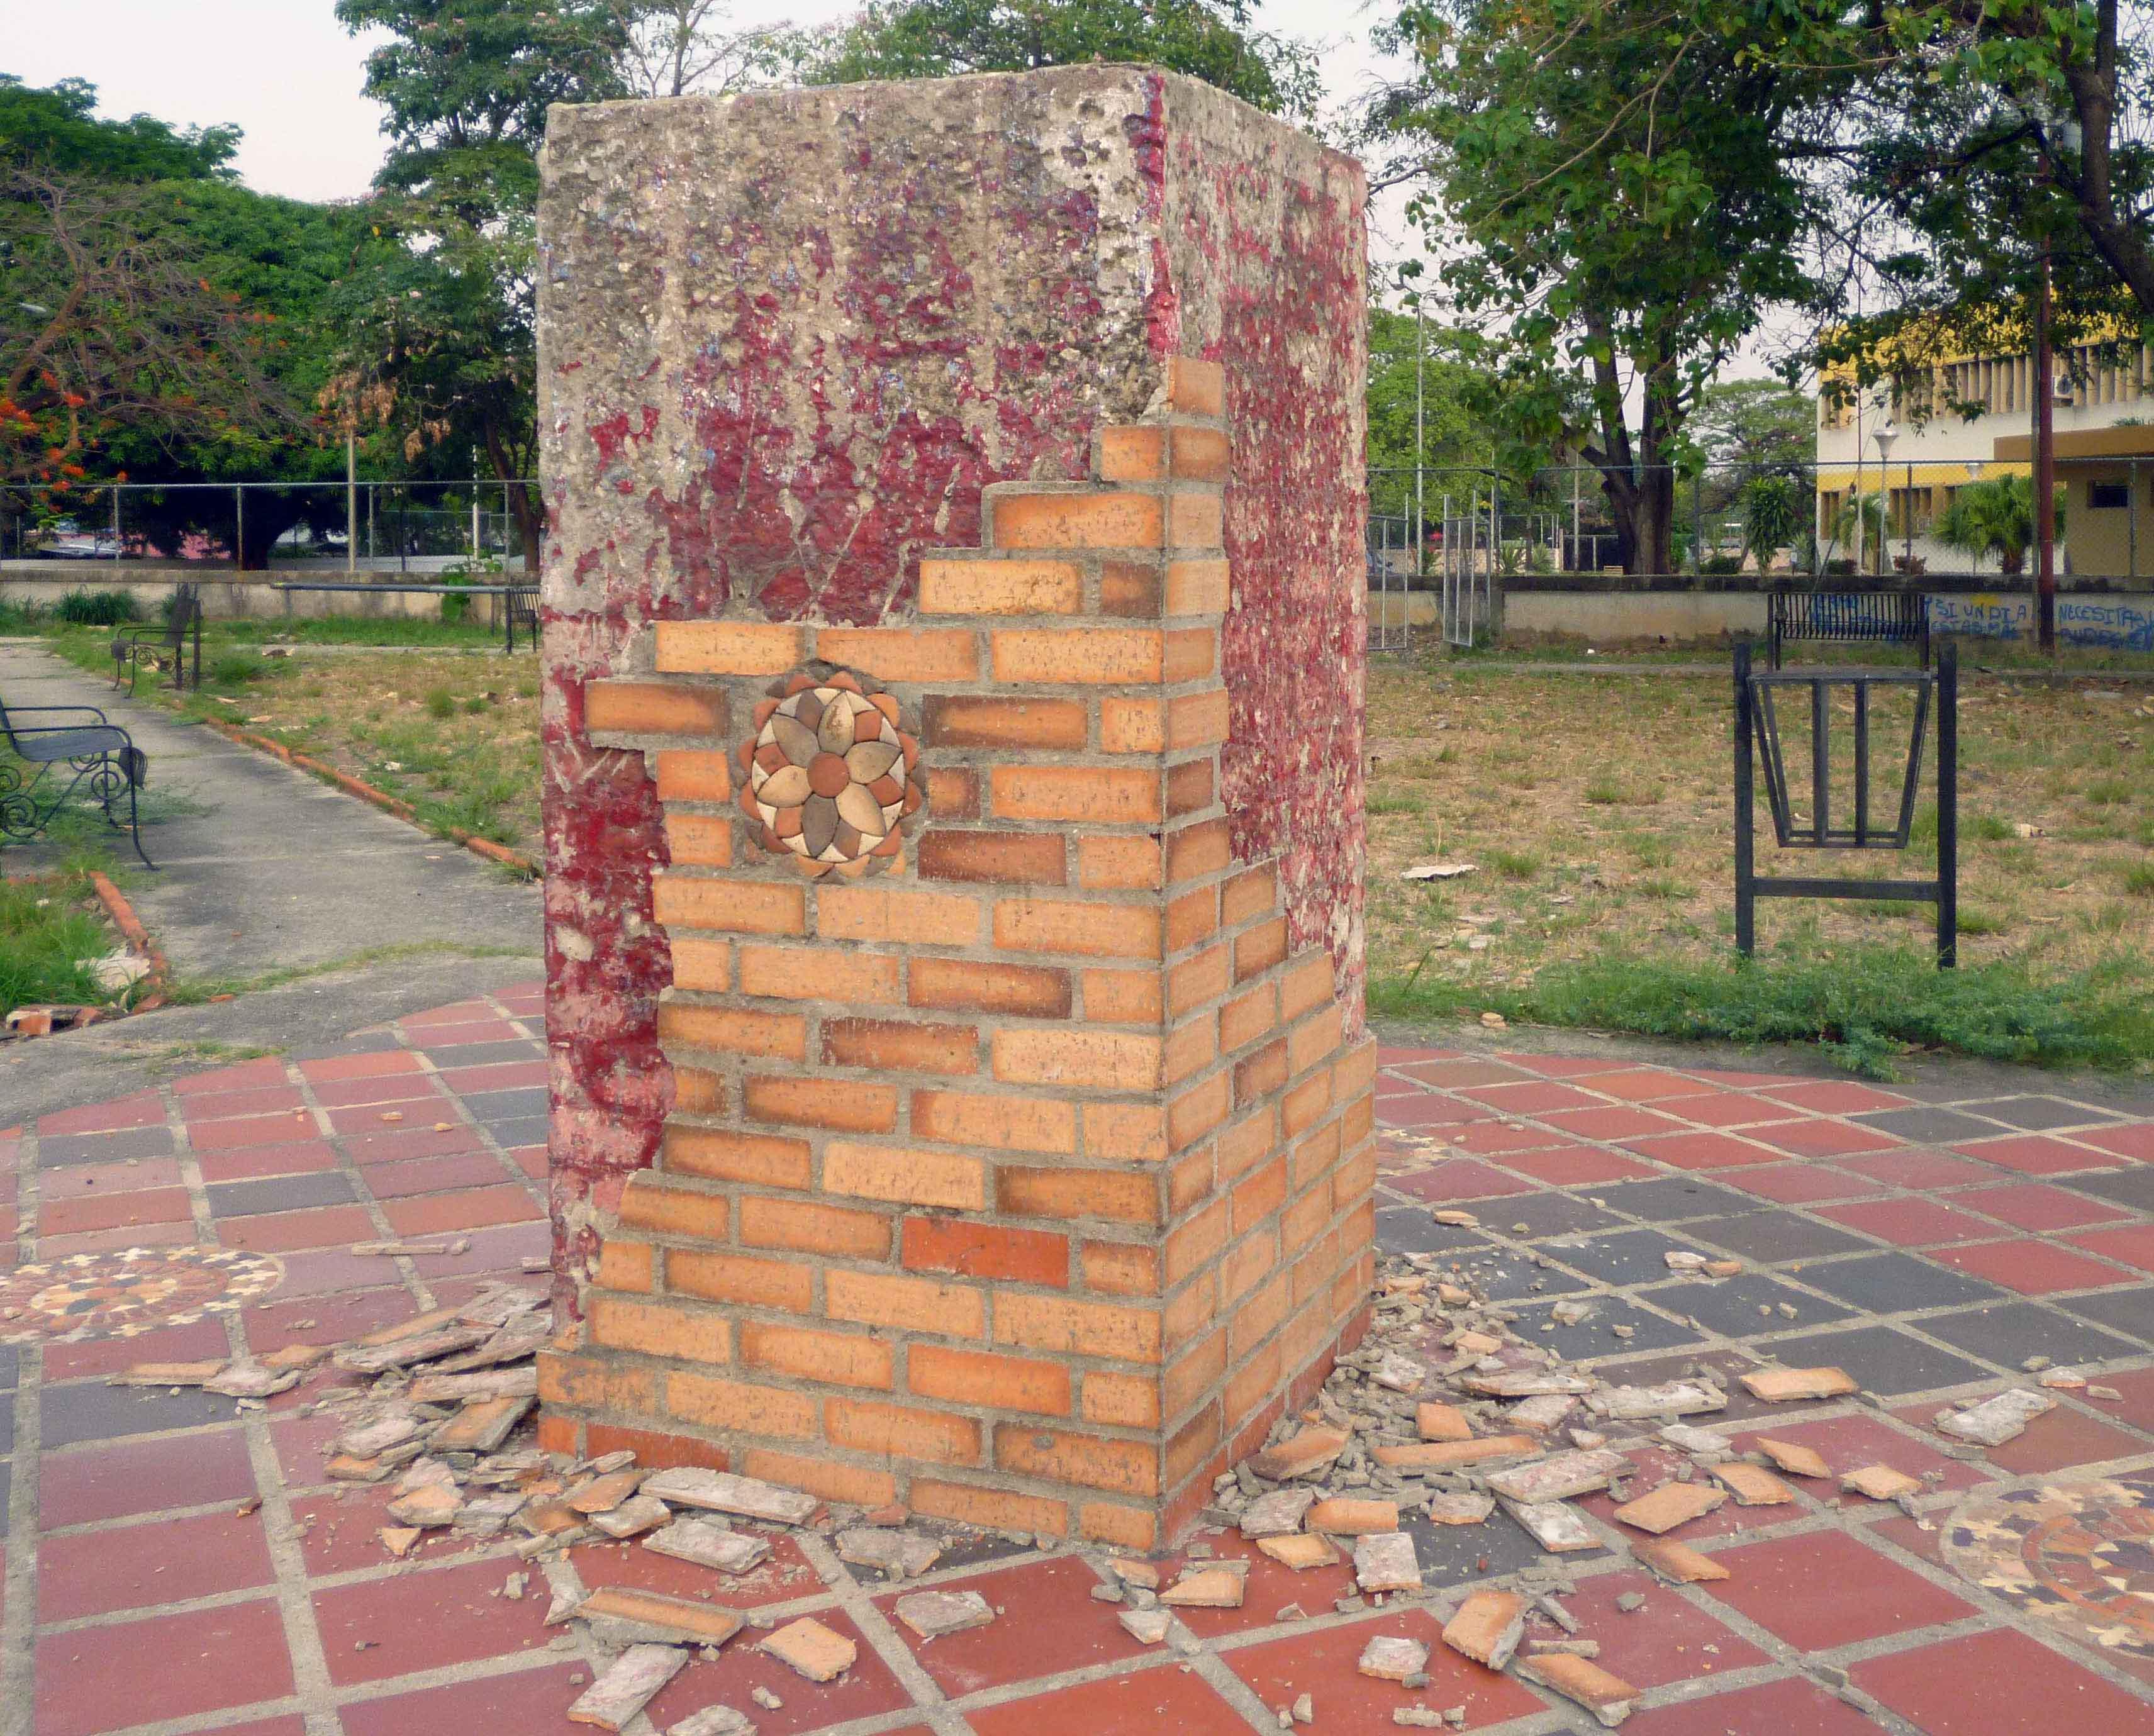 El pedestal sin el busto de bronce de José Antonio Páez. Foto Marinela Araque Rivero / archivo IAM Venezuela, abril de de 2019.